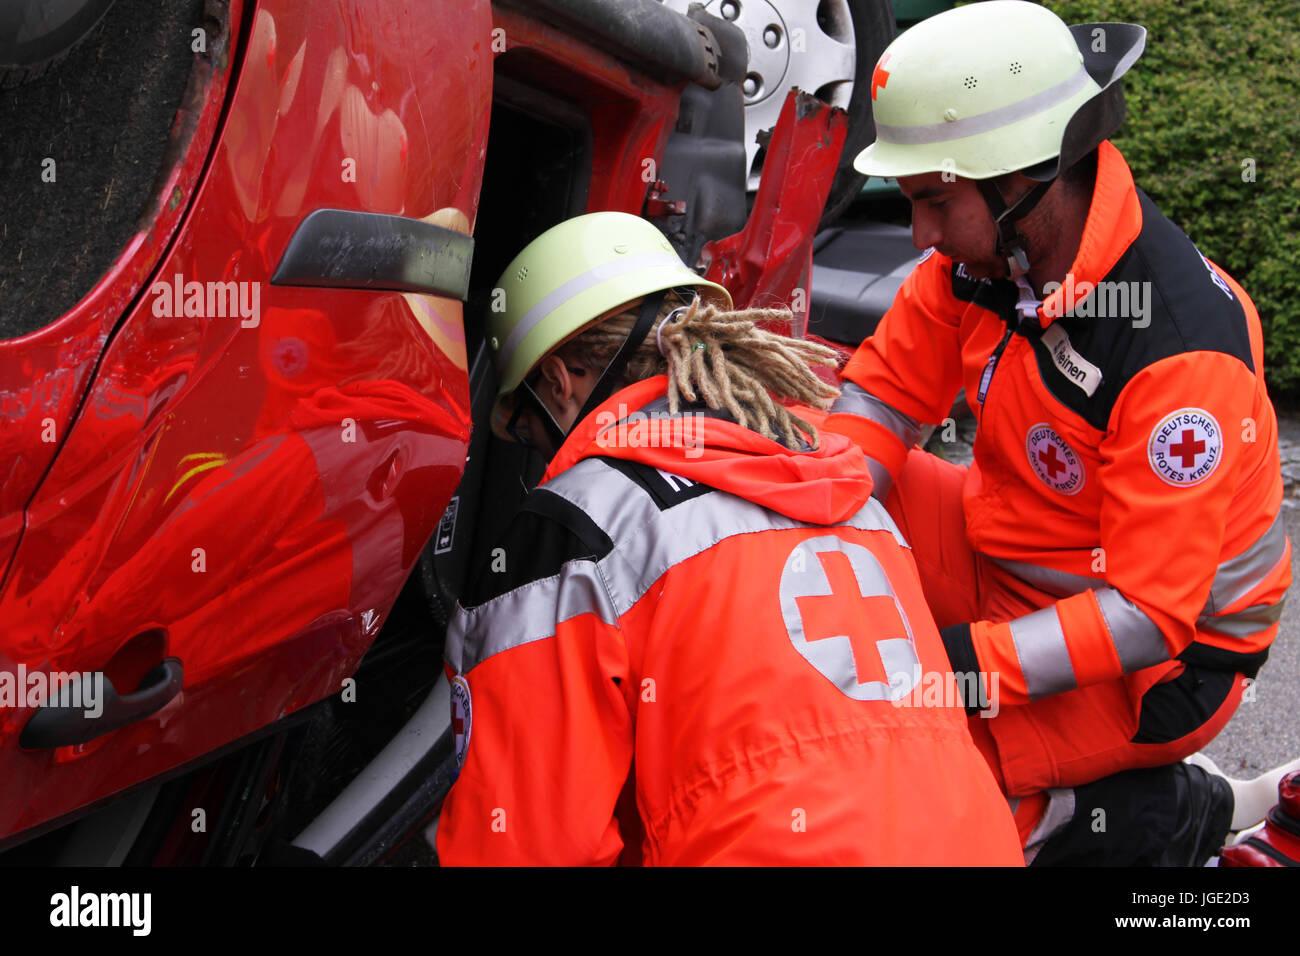 Feuer, Feuerwehr, Rettung, Brandschutz, Unfall, Erholung, speichern ...